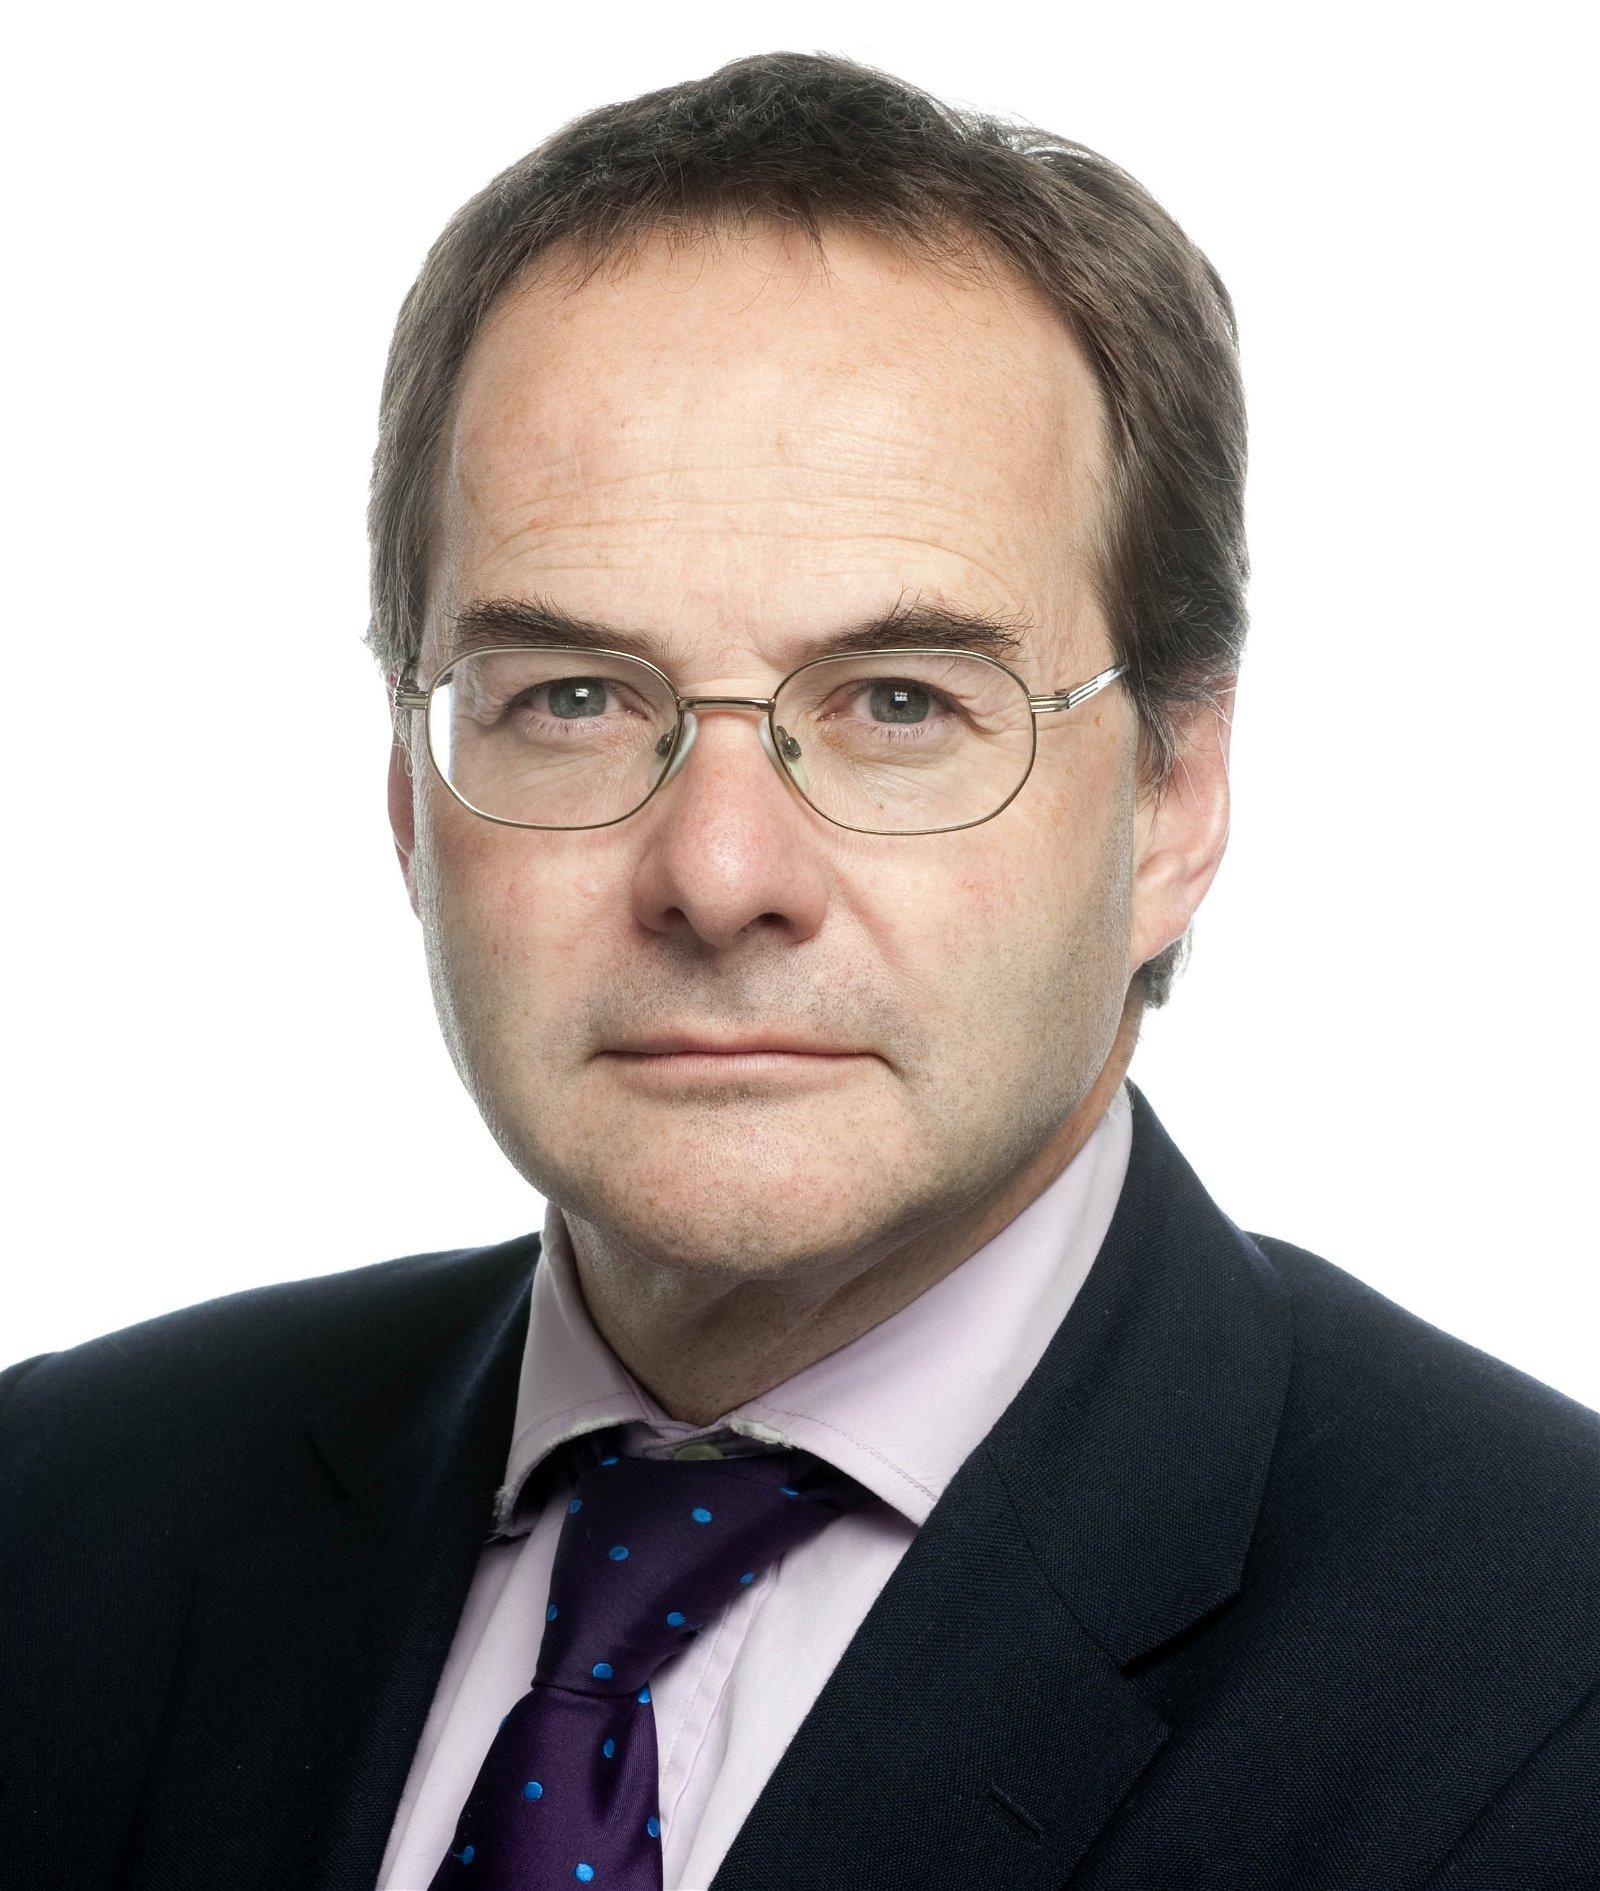 Quentin Letts speaker